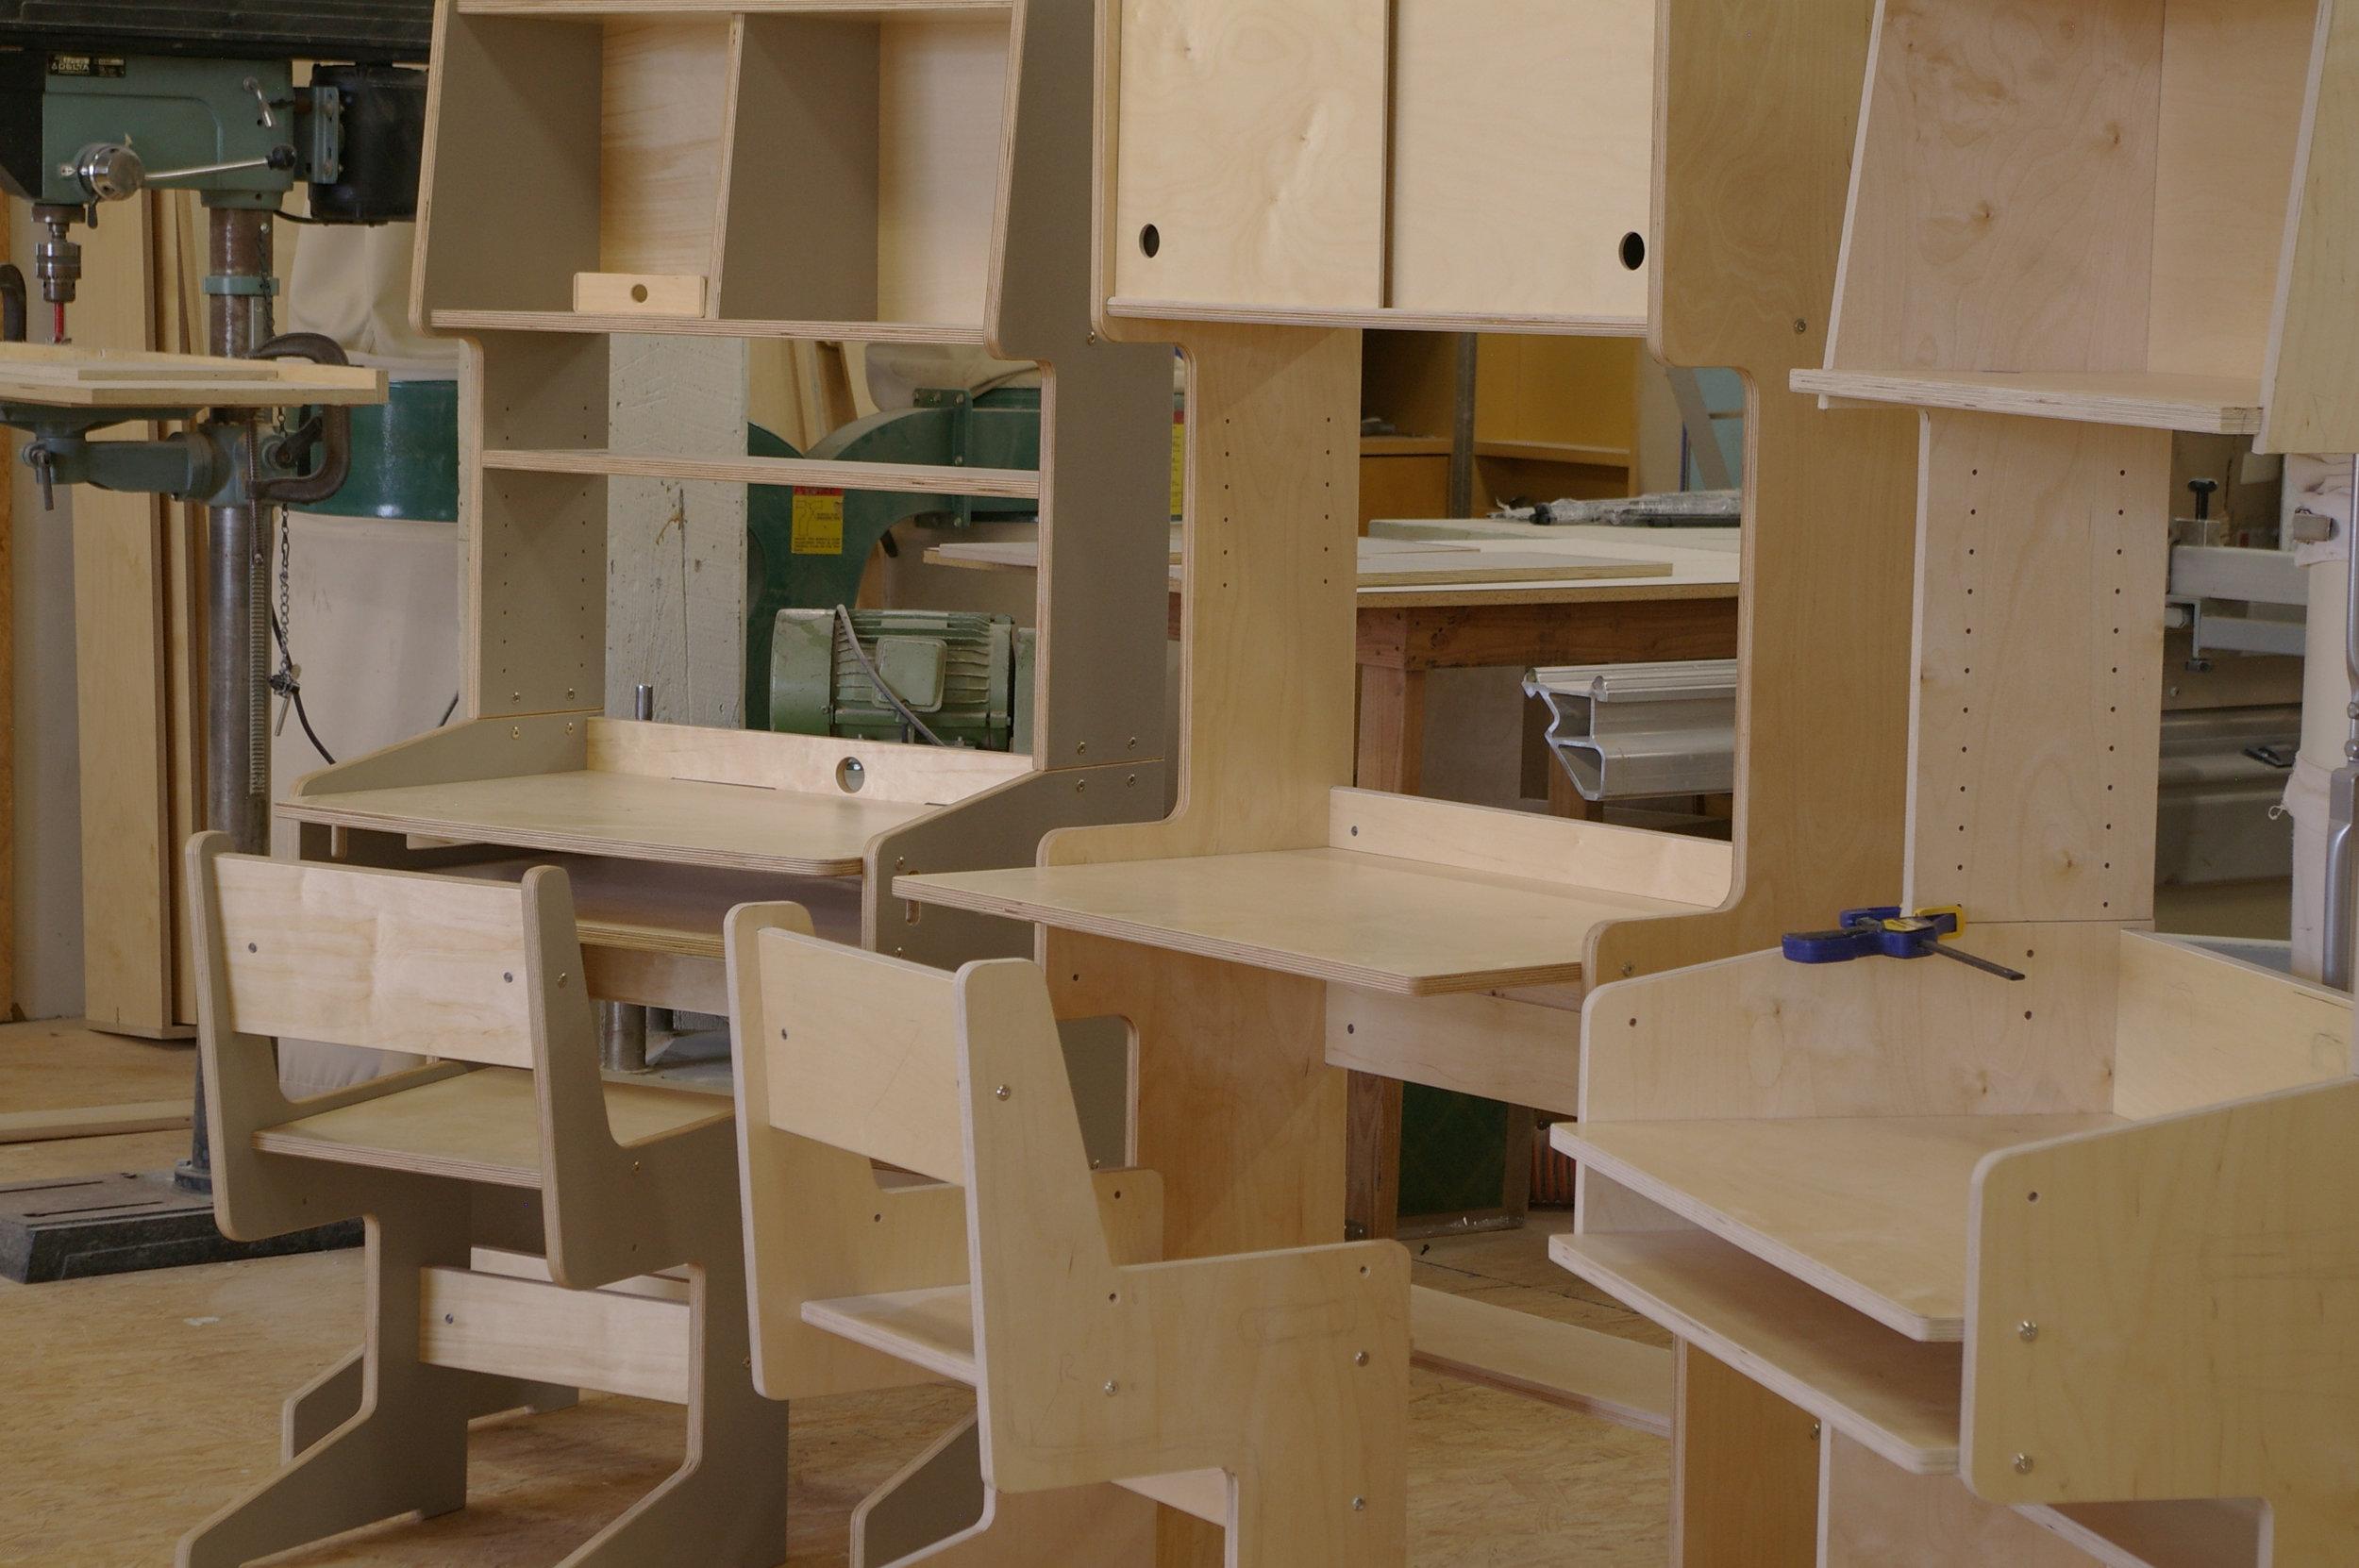 Desks at shop.jpg